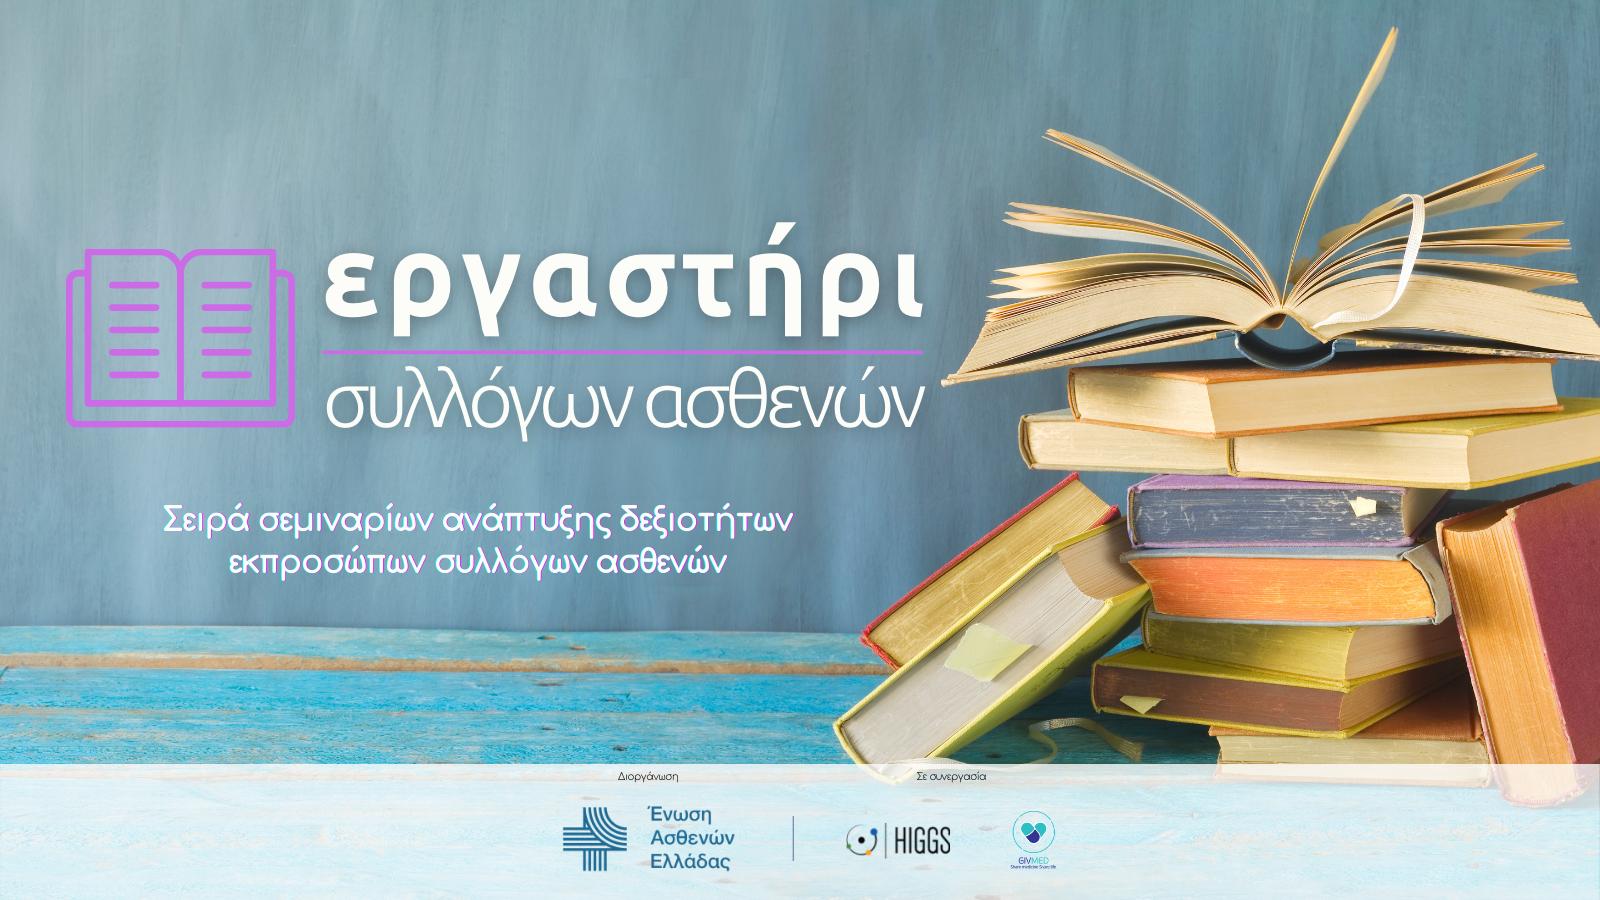 Ένωση Ασθενών Ελλάδας: Σεμινάρια ανάπτυξης δεξιοτήτων συλλογών ασθενών από 15/06 έως 12/07